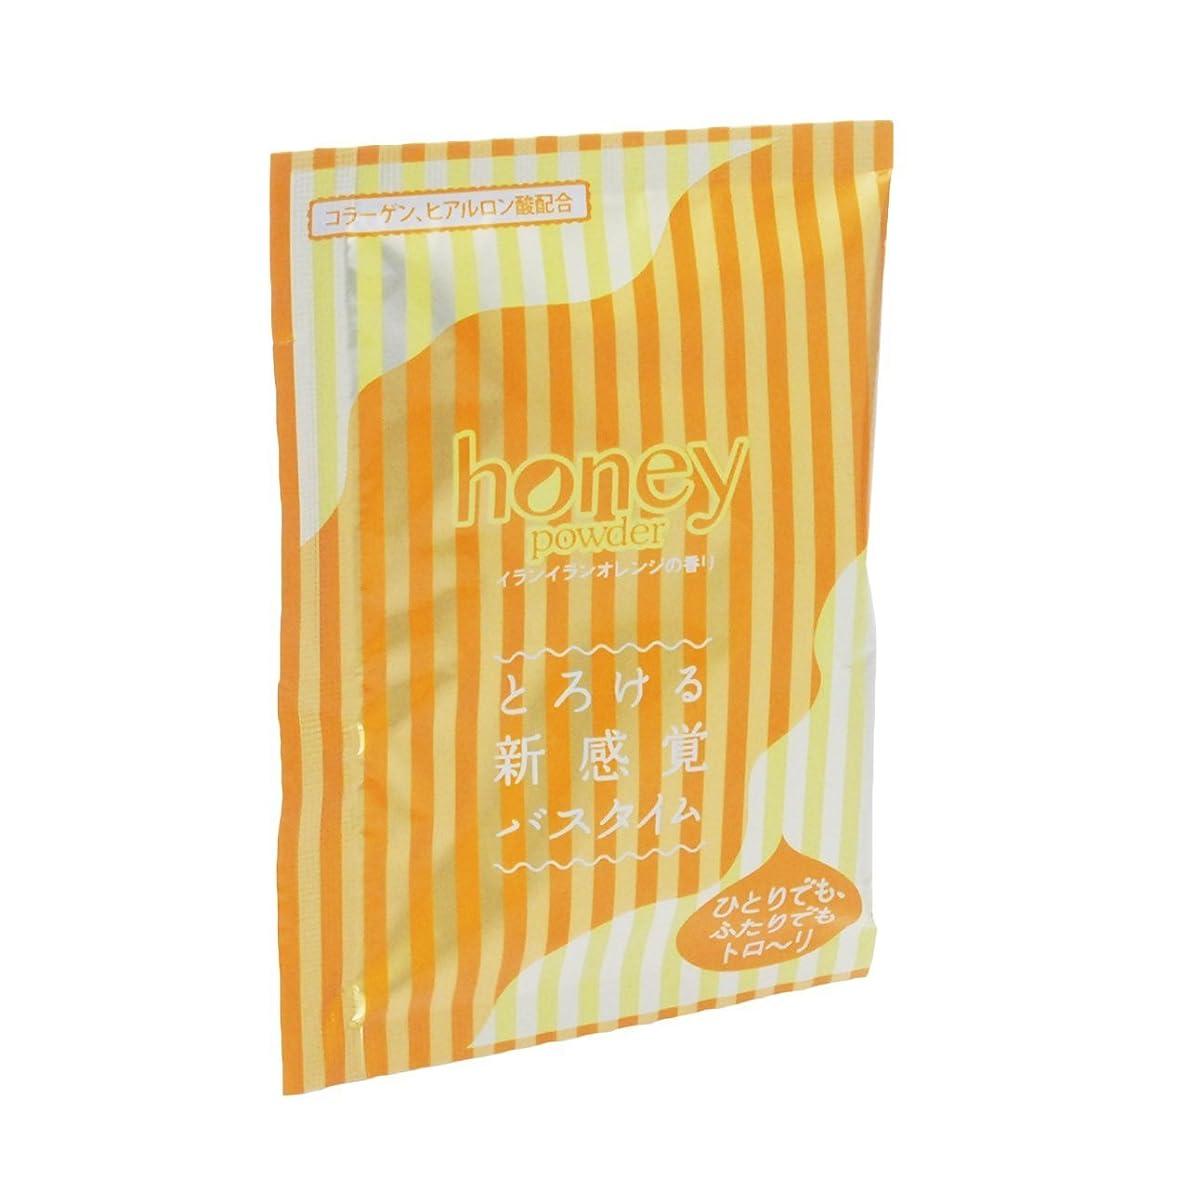 ベルベット空気話す[GN-91] ハニーパウダー1BOX(10個セット) イランイランオレンジの香り